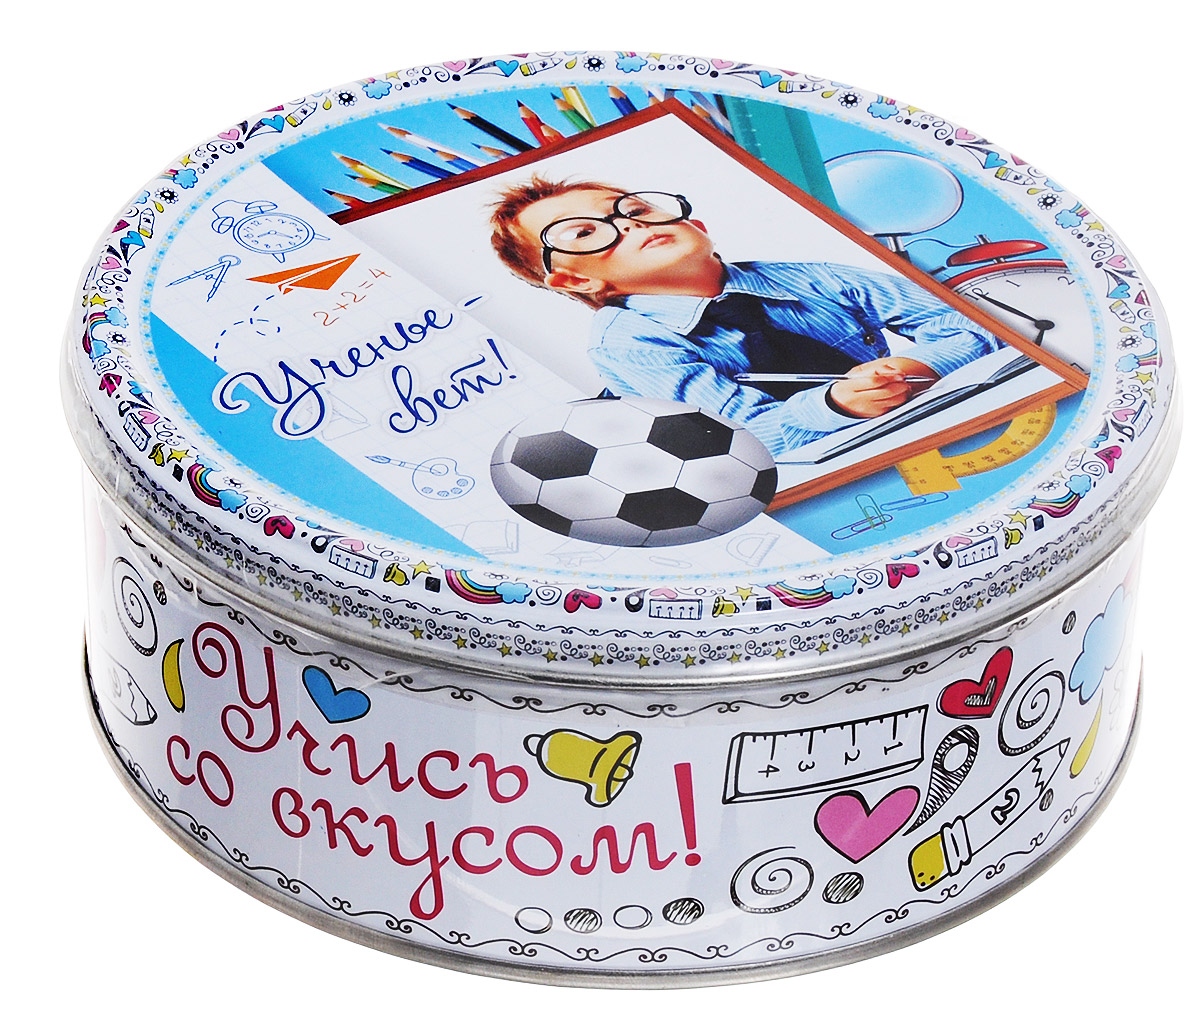 Monte Christo Любимая школа. Мальчик печенье сдобное с шоколадом, 150 г santa bakery ассорти печенье сдобное 750 г 12 видов